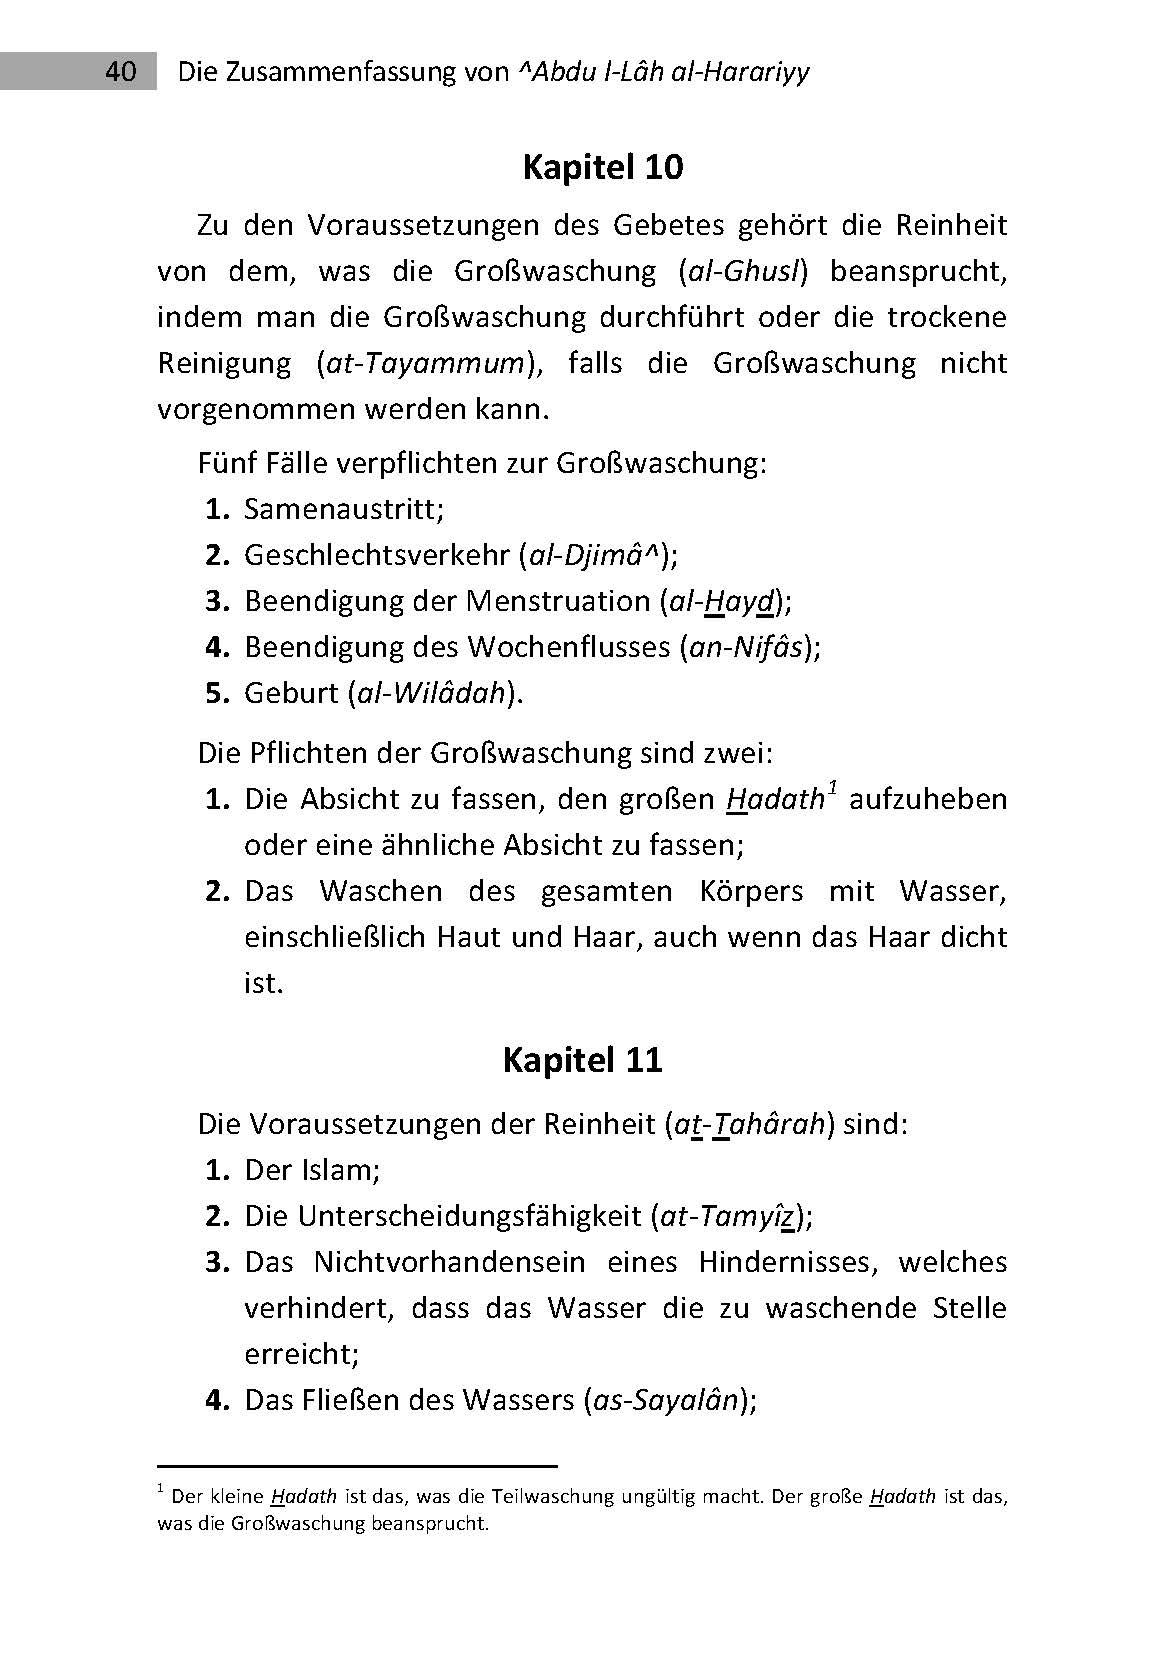 Die Zusammenfassung - 3. Auflage 2014_Seite_40